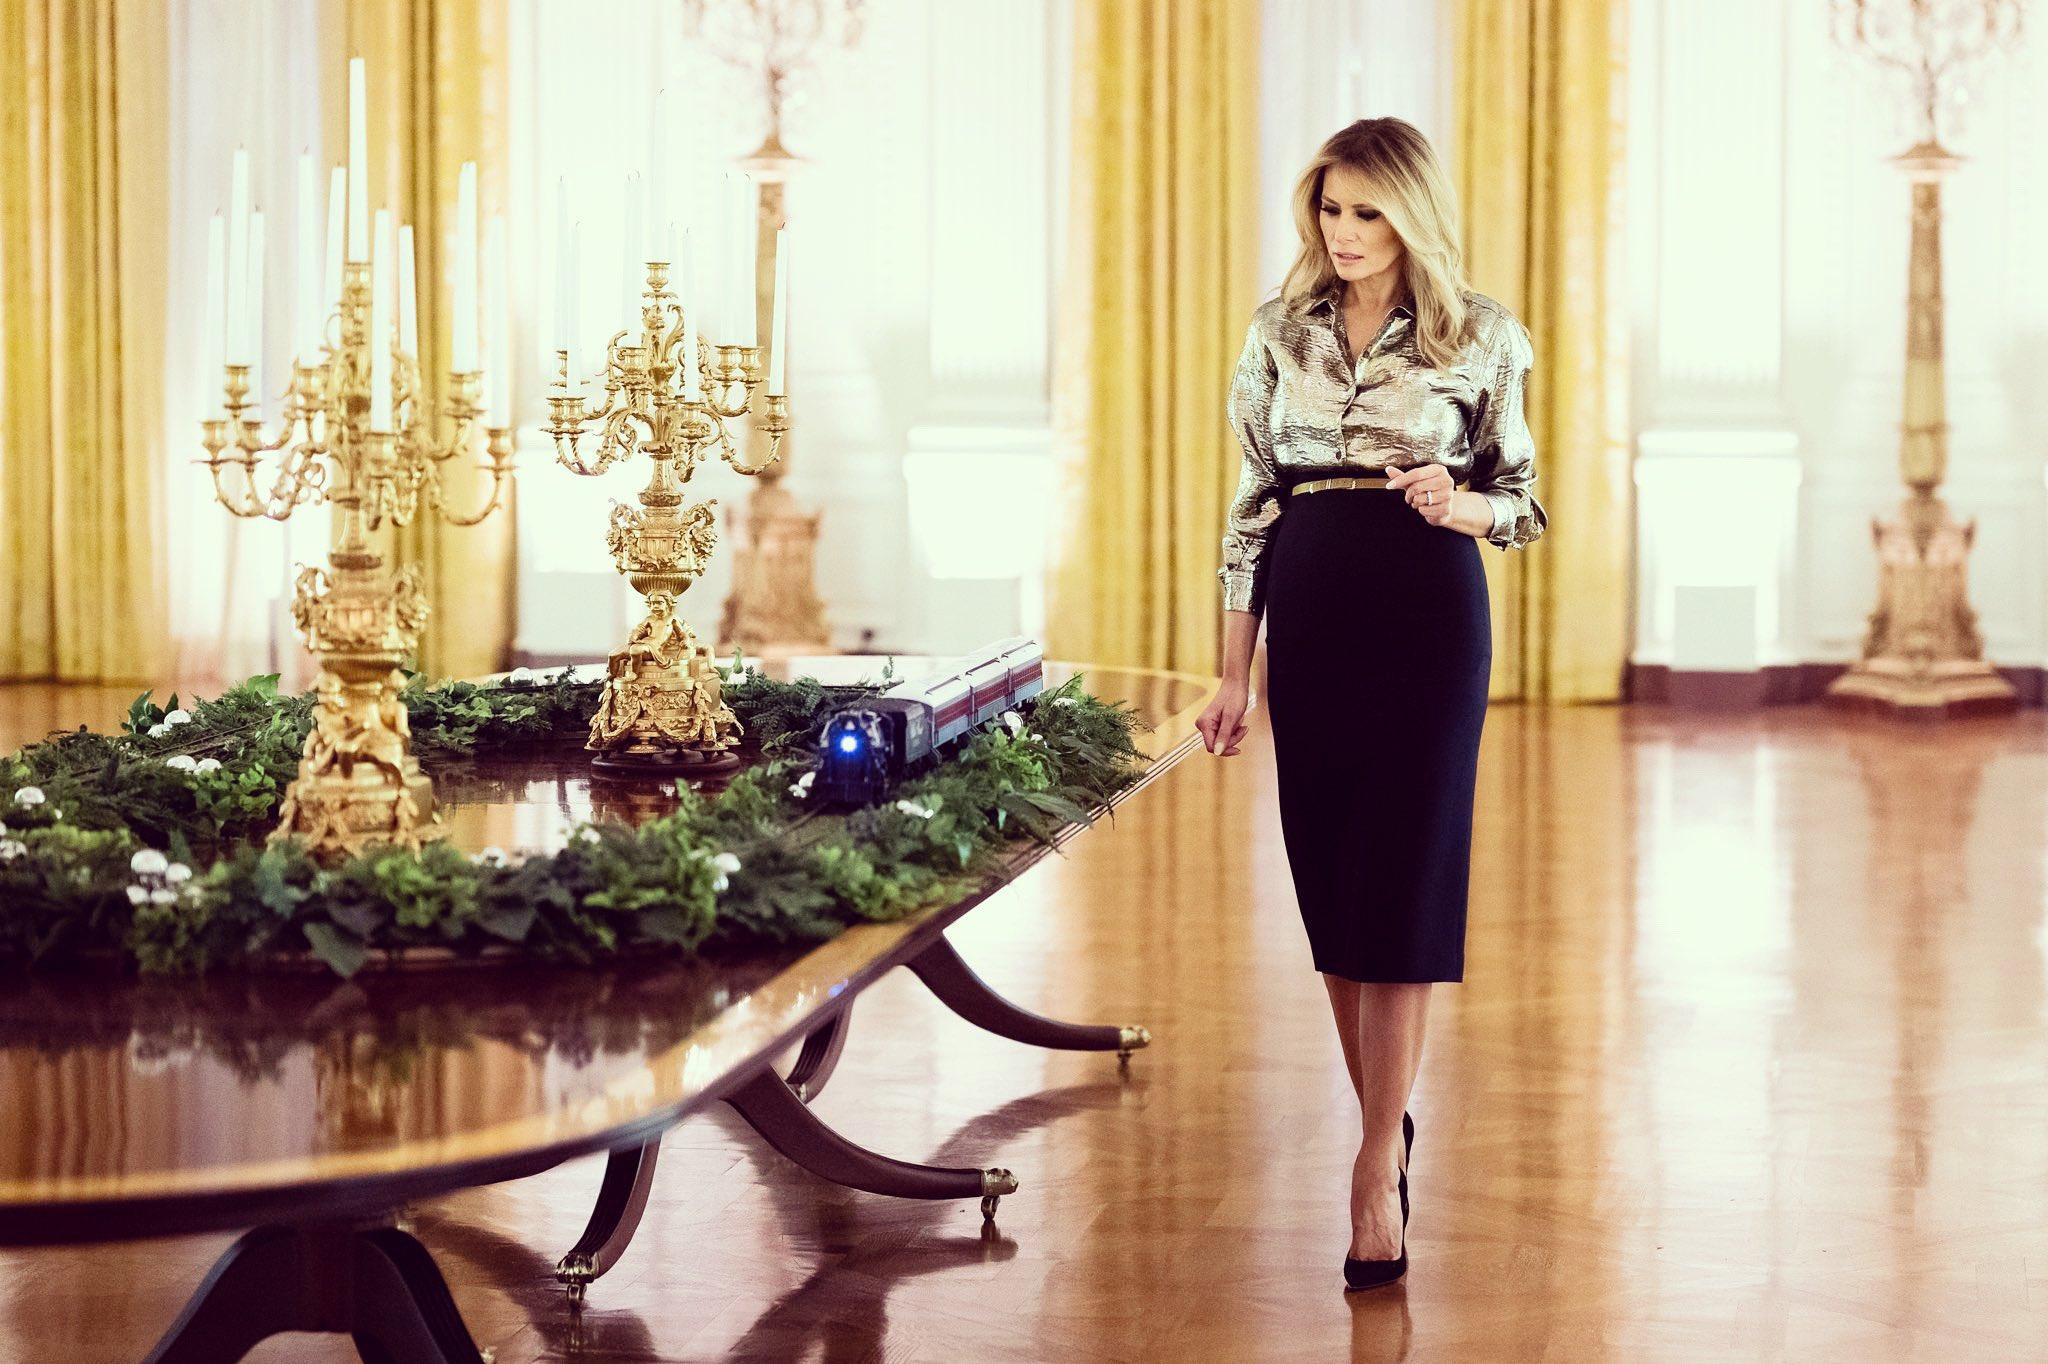 Melania Trump idén kihagyta a horror tematikát a karácsonyból